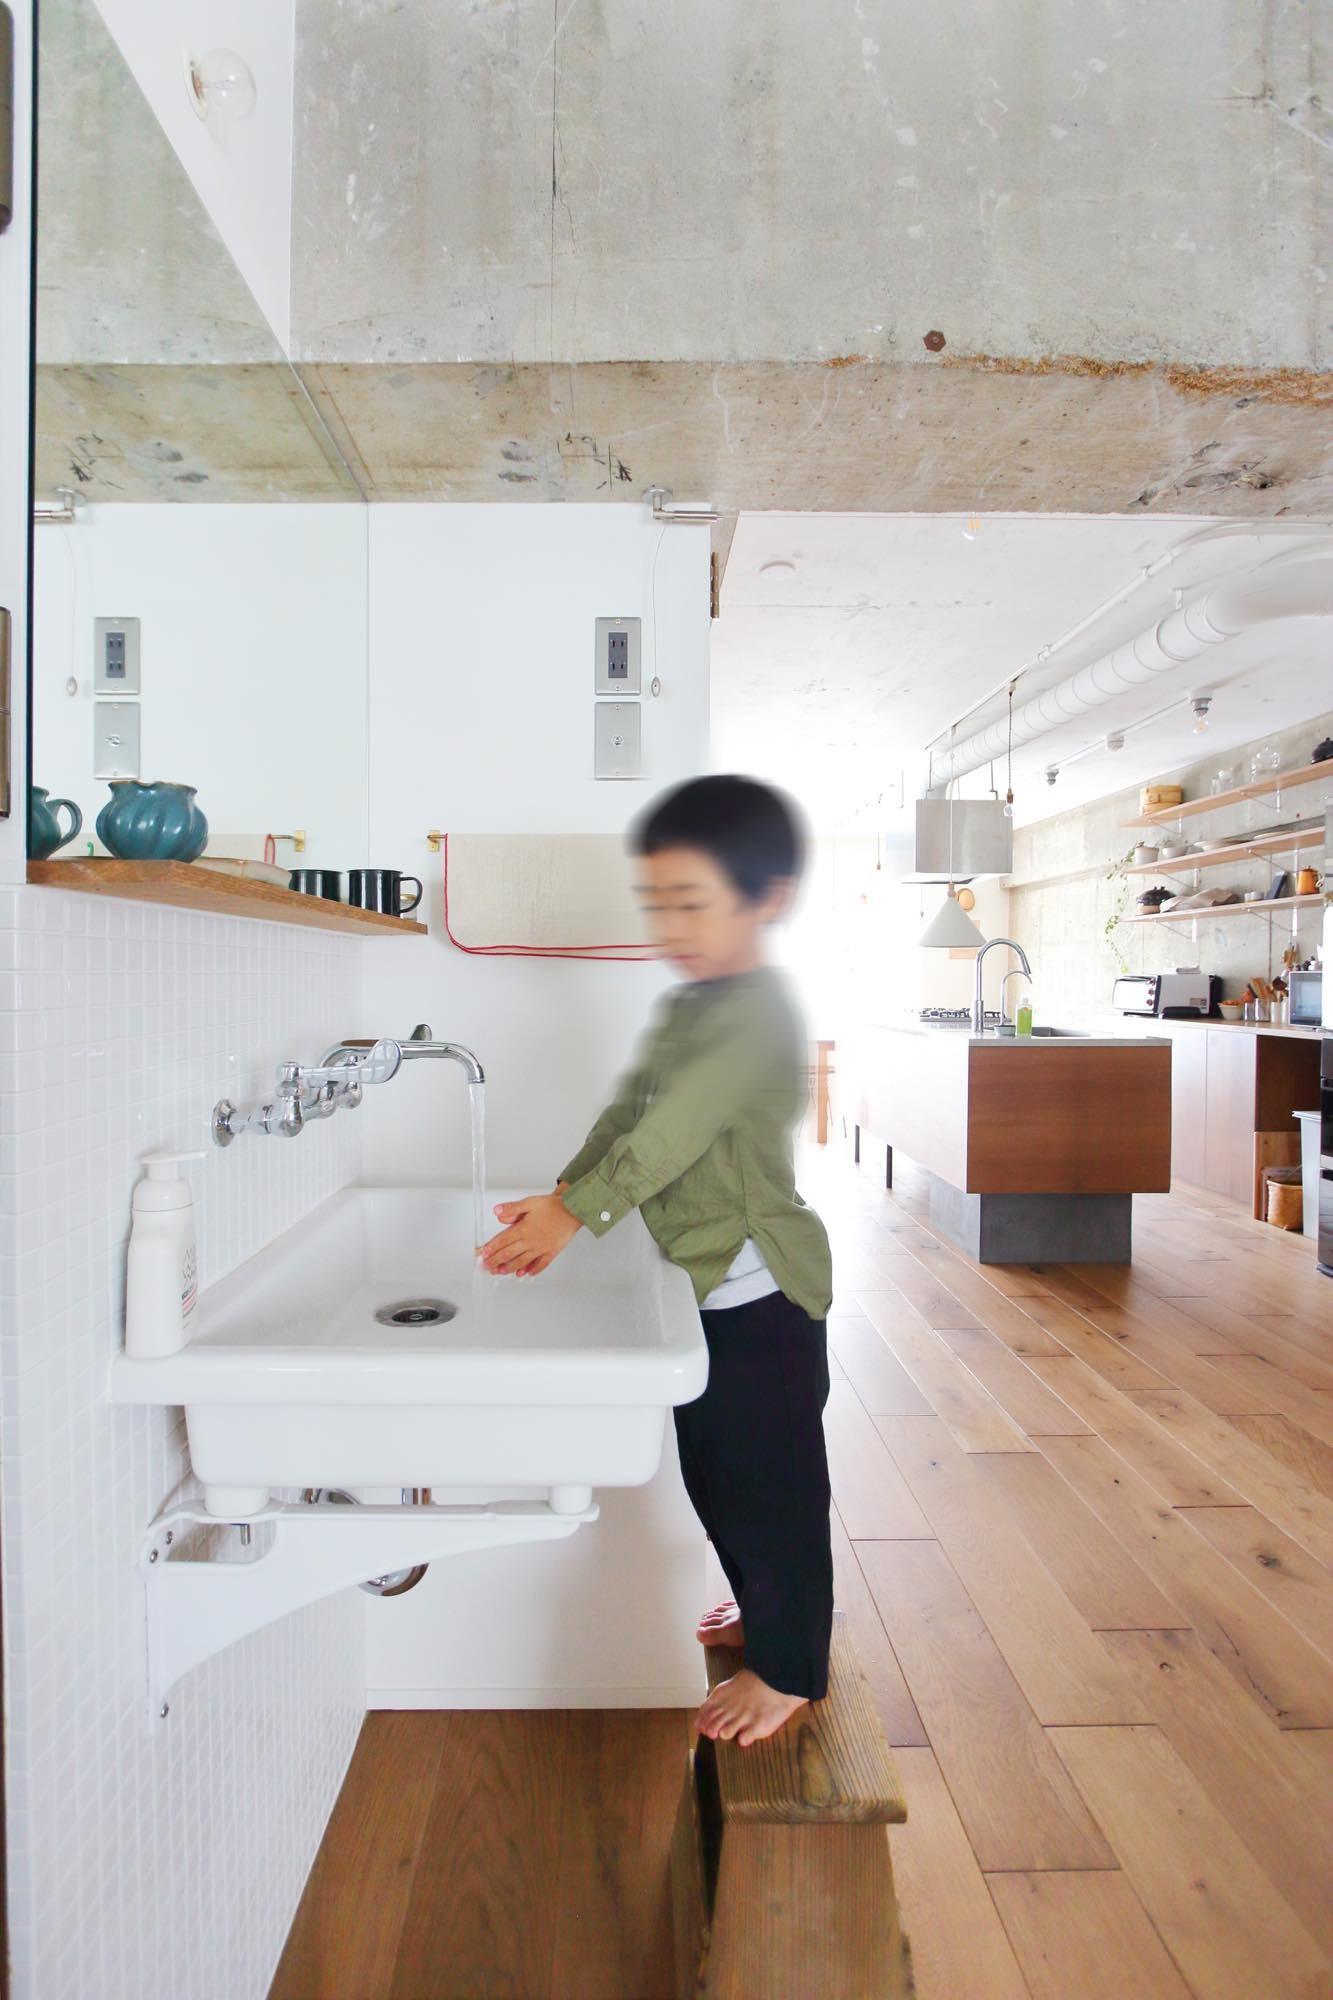 リビングダイニング事例:オープンな洗面スペース(模様替えを楽しめる、土間のある家)